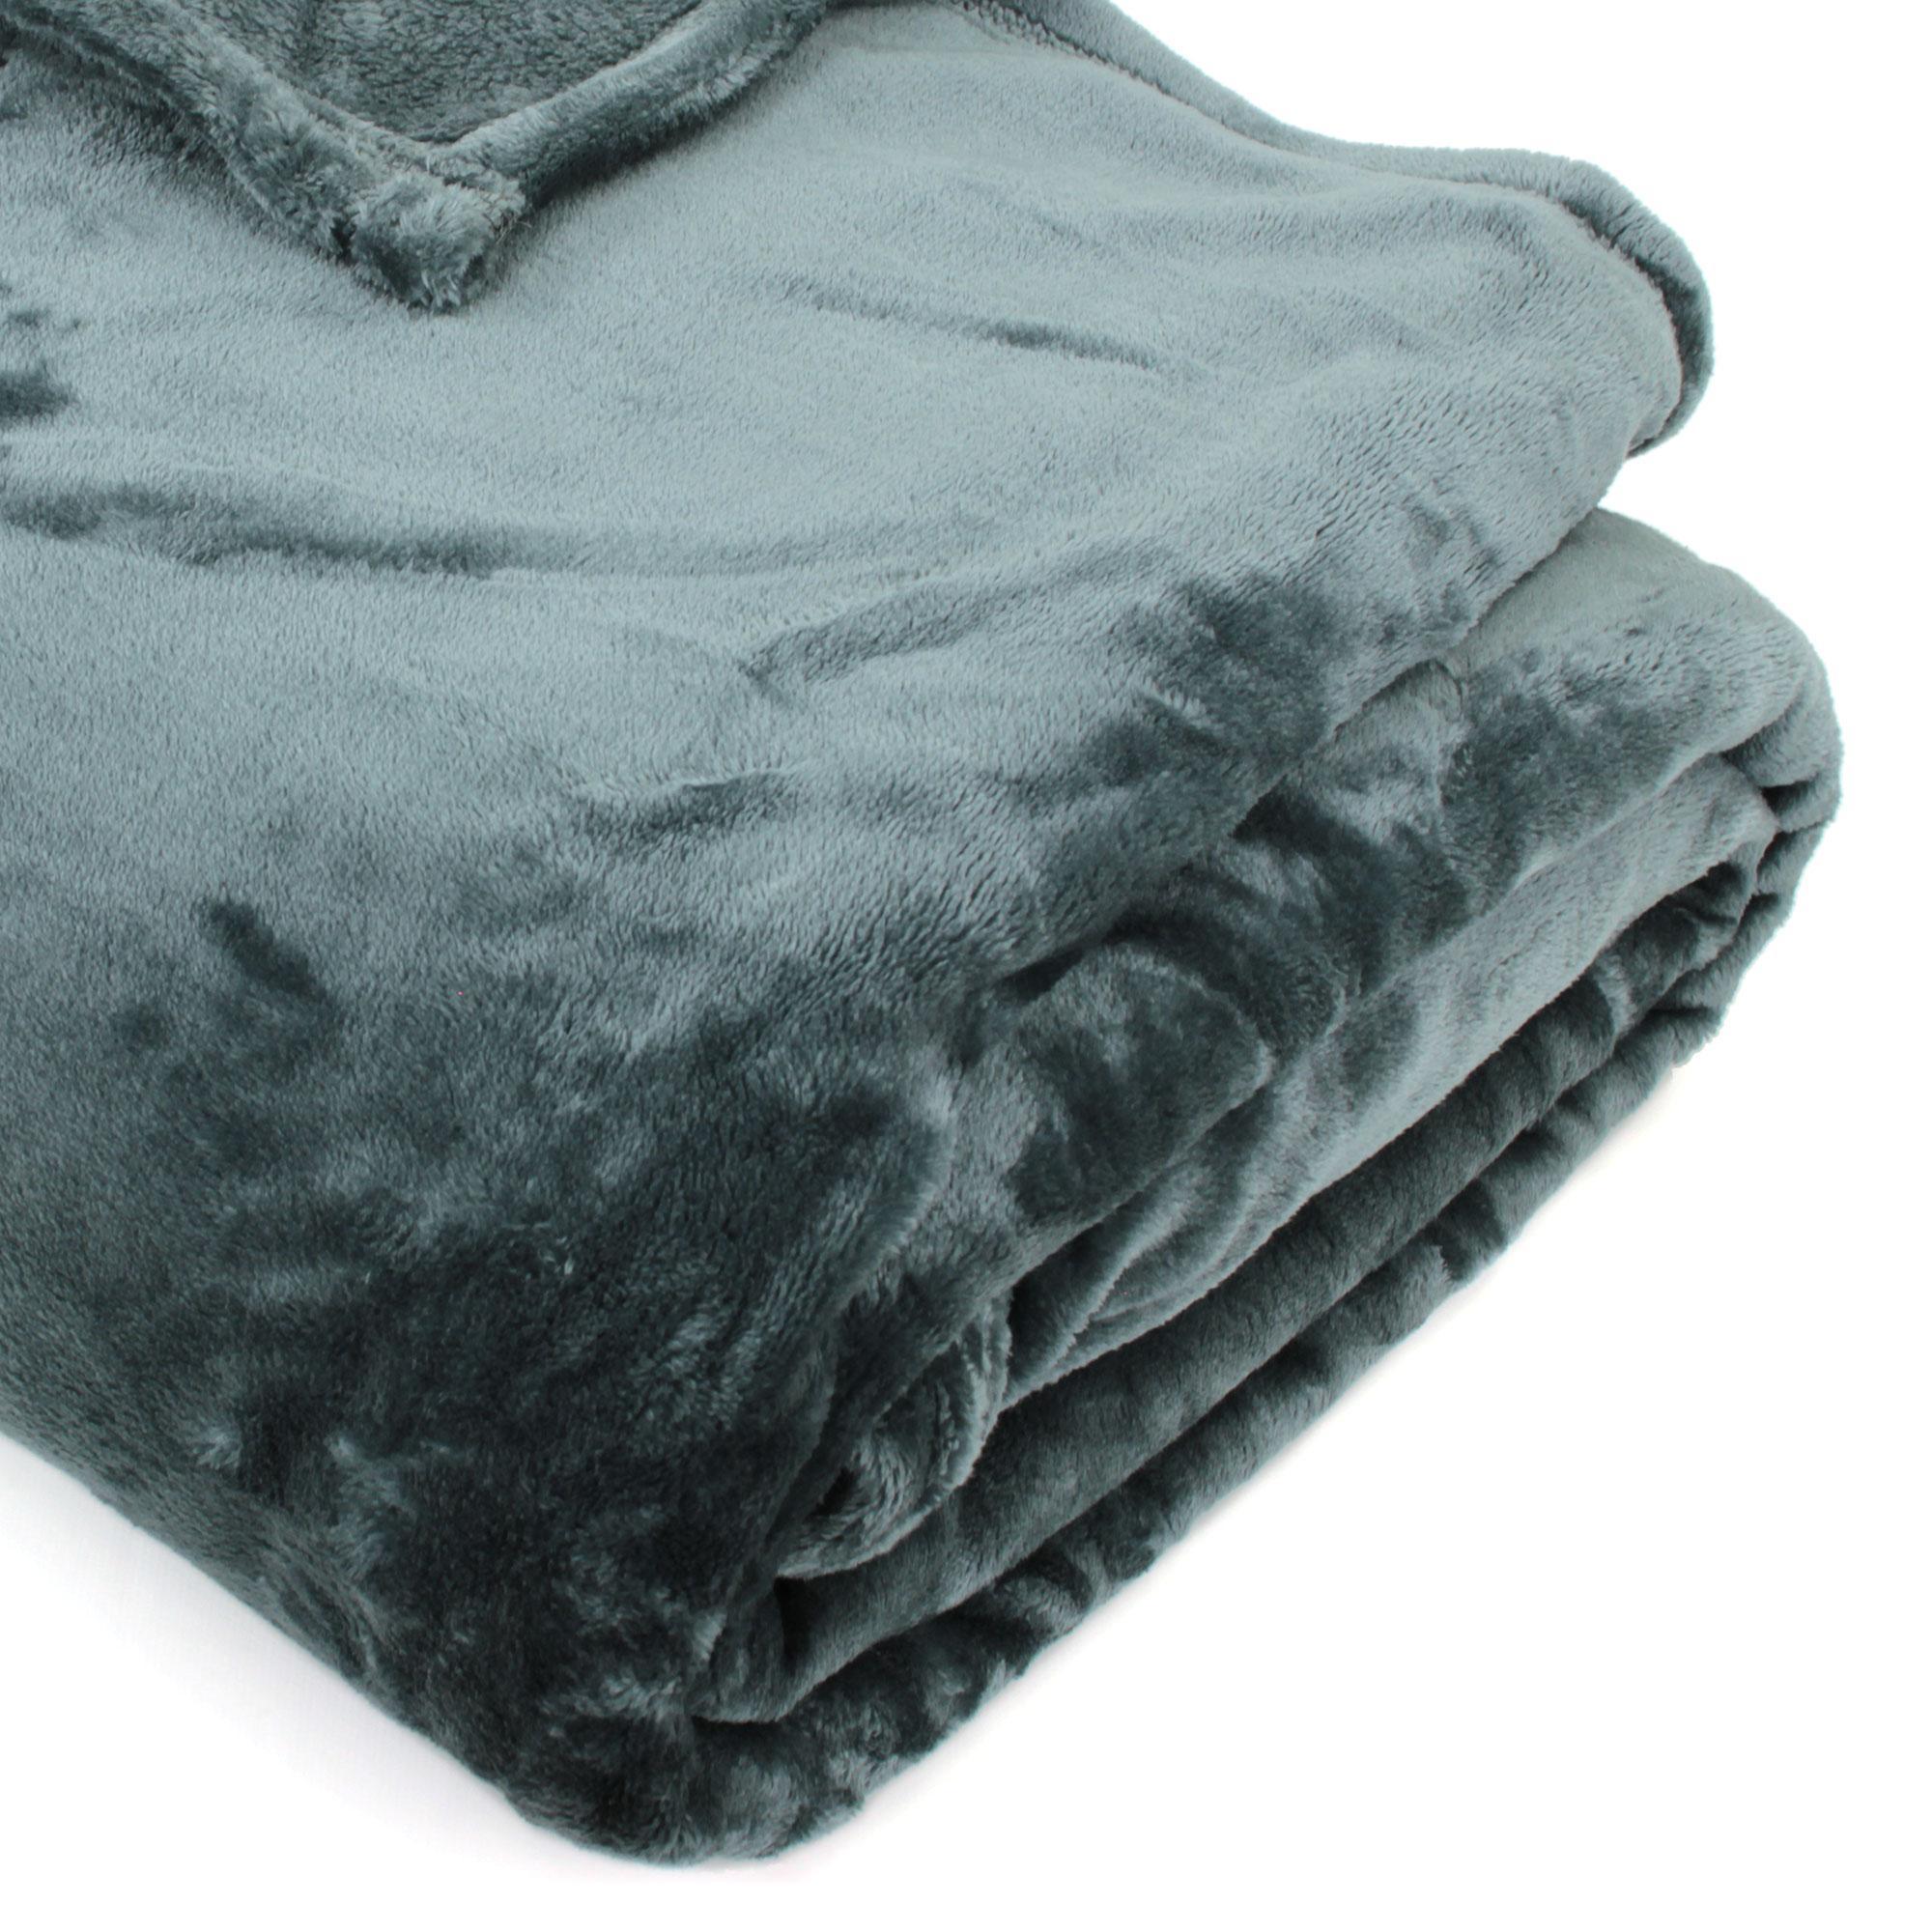 couverture polaire 240x260 microfibre velvet gris acier ebay. Black Bedroom Furniture Sets. Home Design Ideas